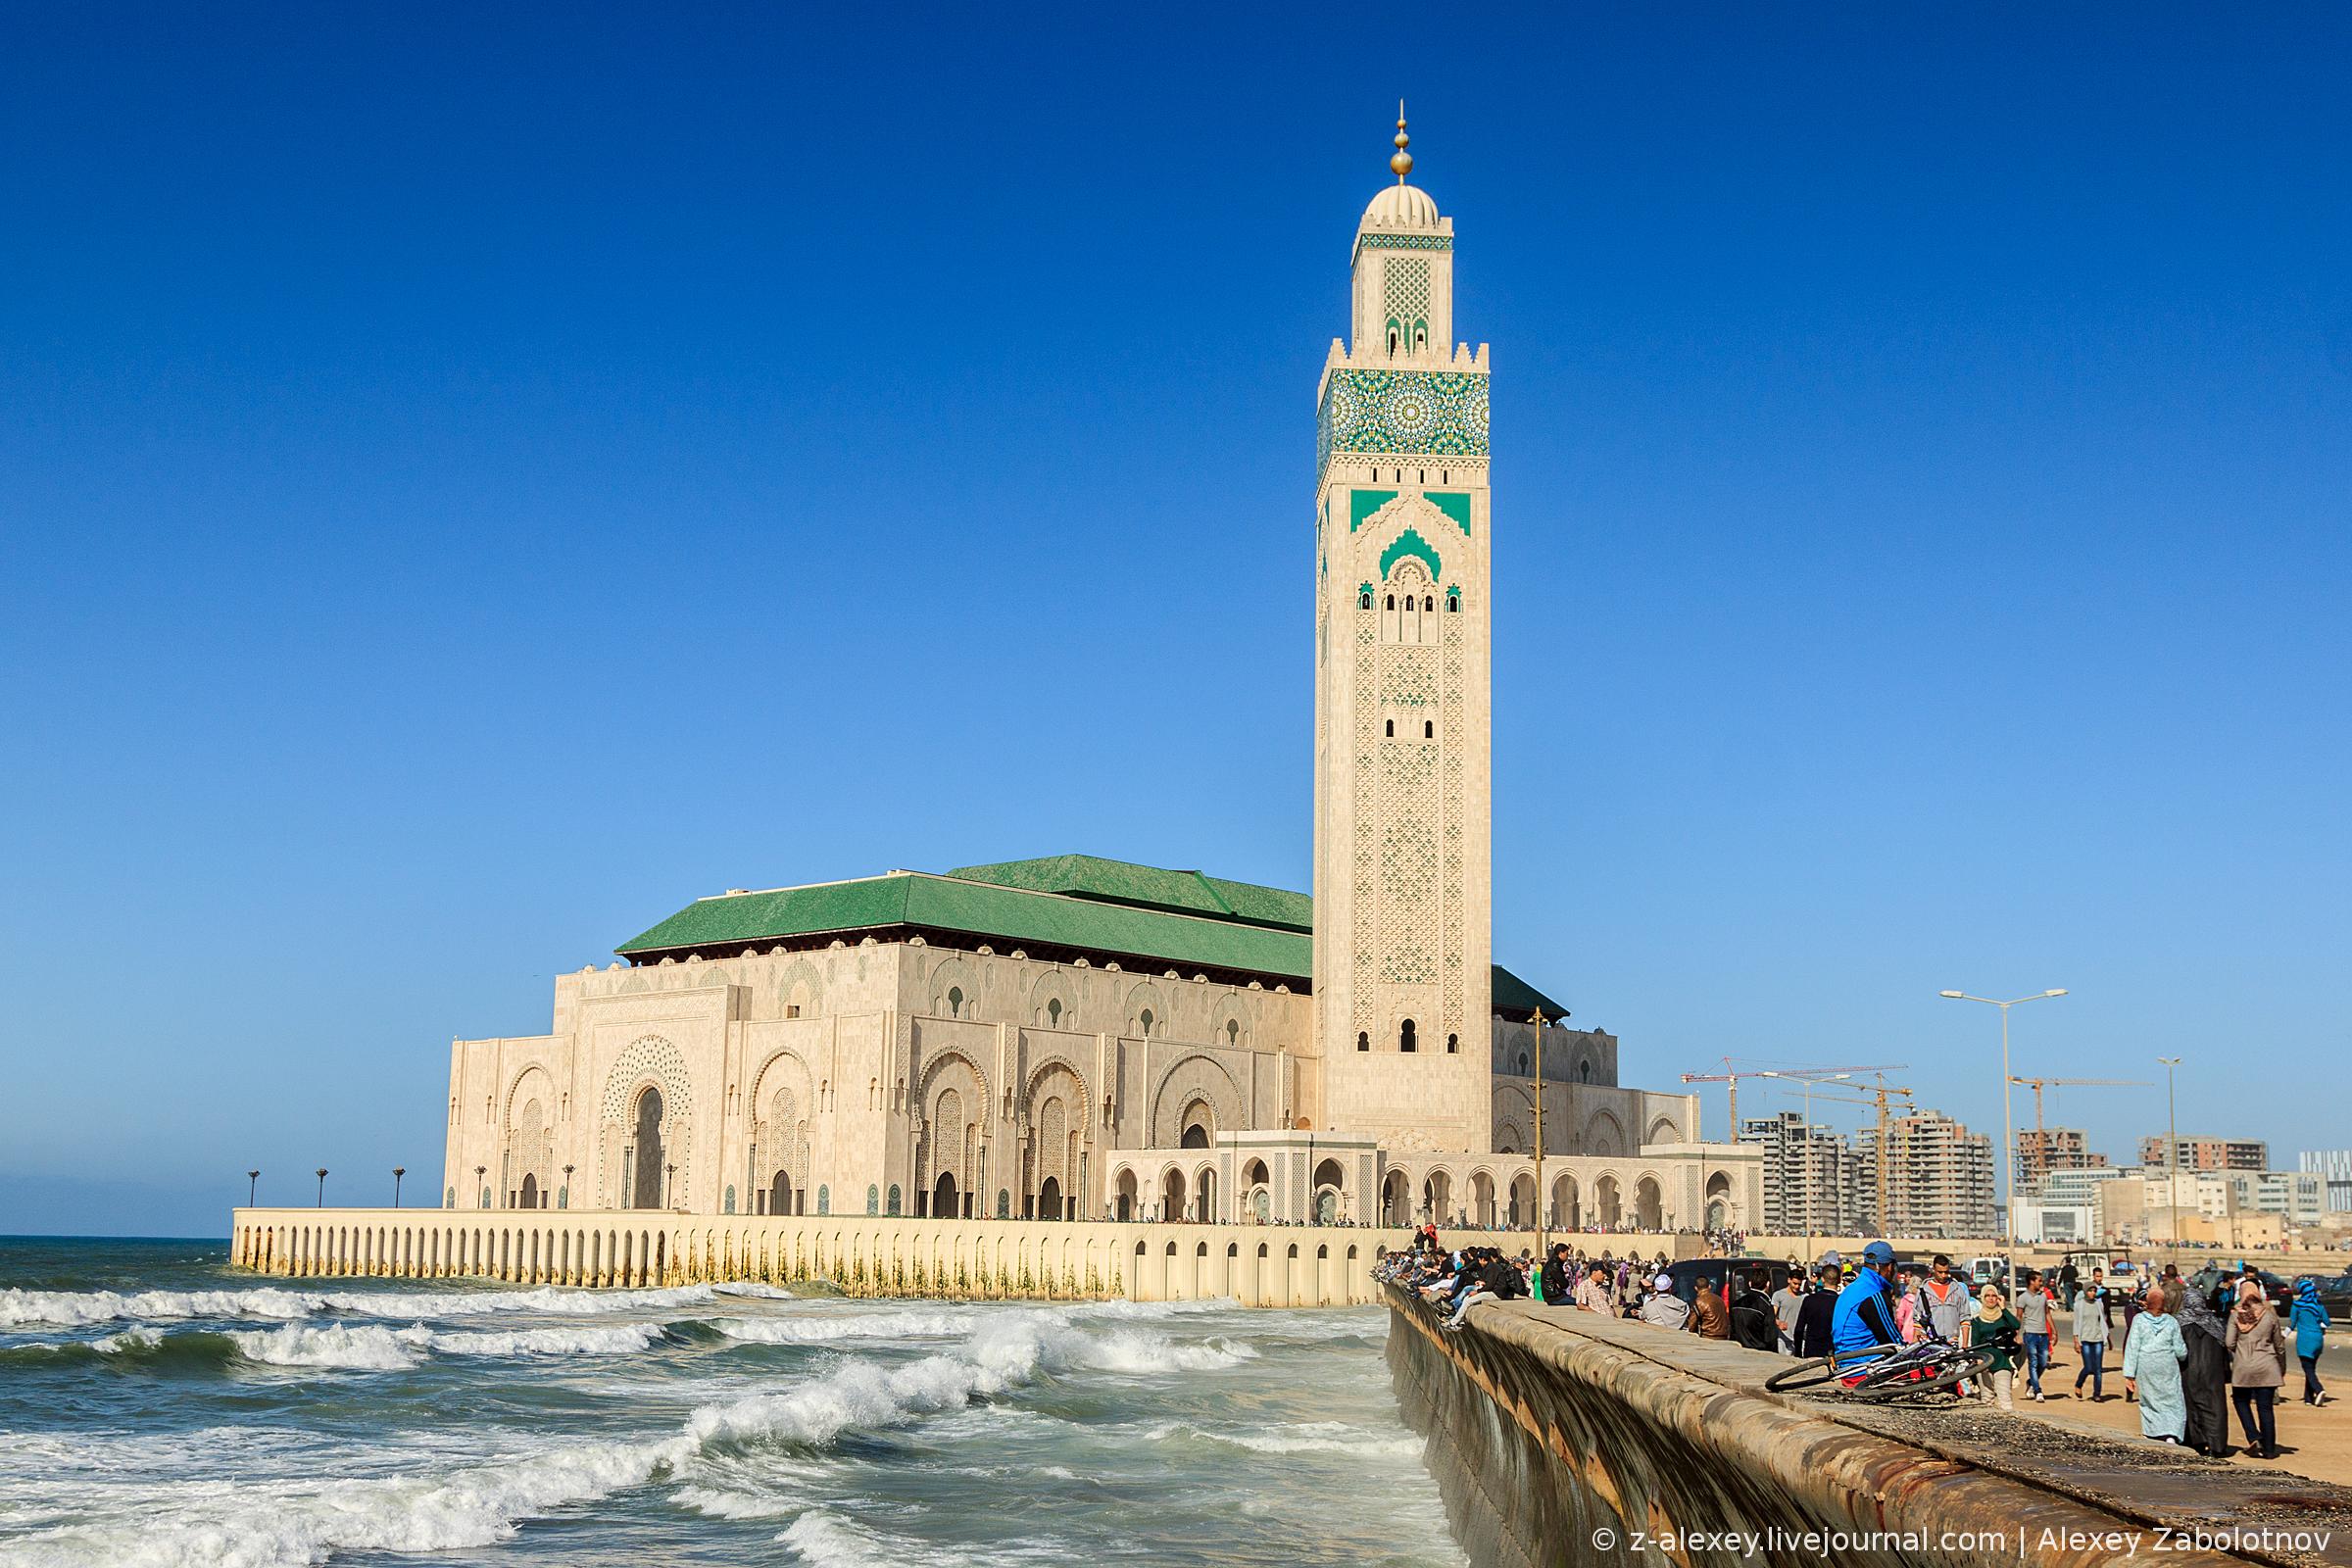 2 z alexey - Marocco casablanca ...